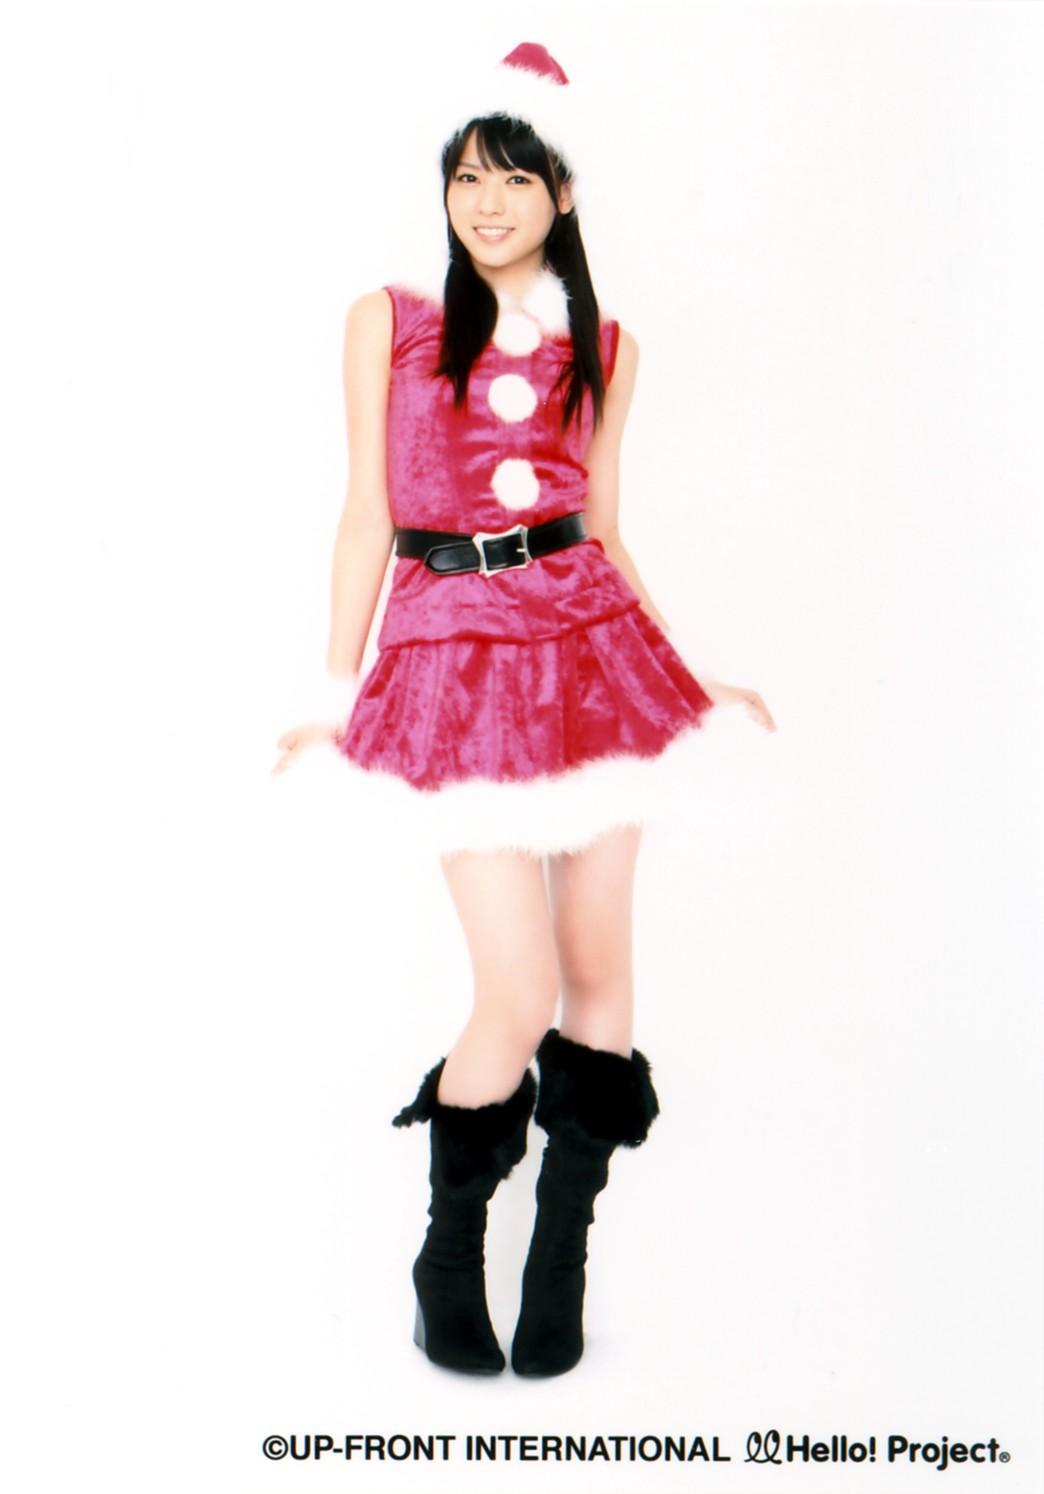 PINKのノースリーブ&ミニスカートのクリスマスウェアー 矢島舞美